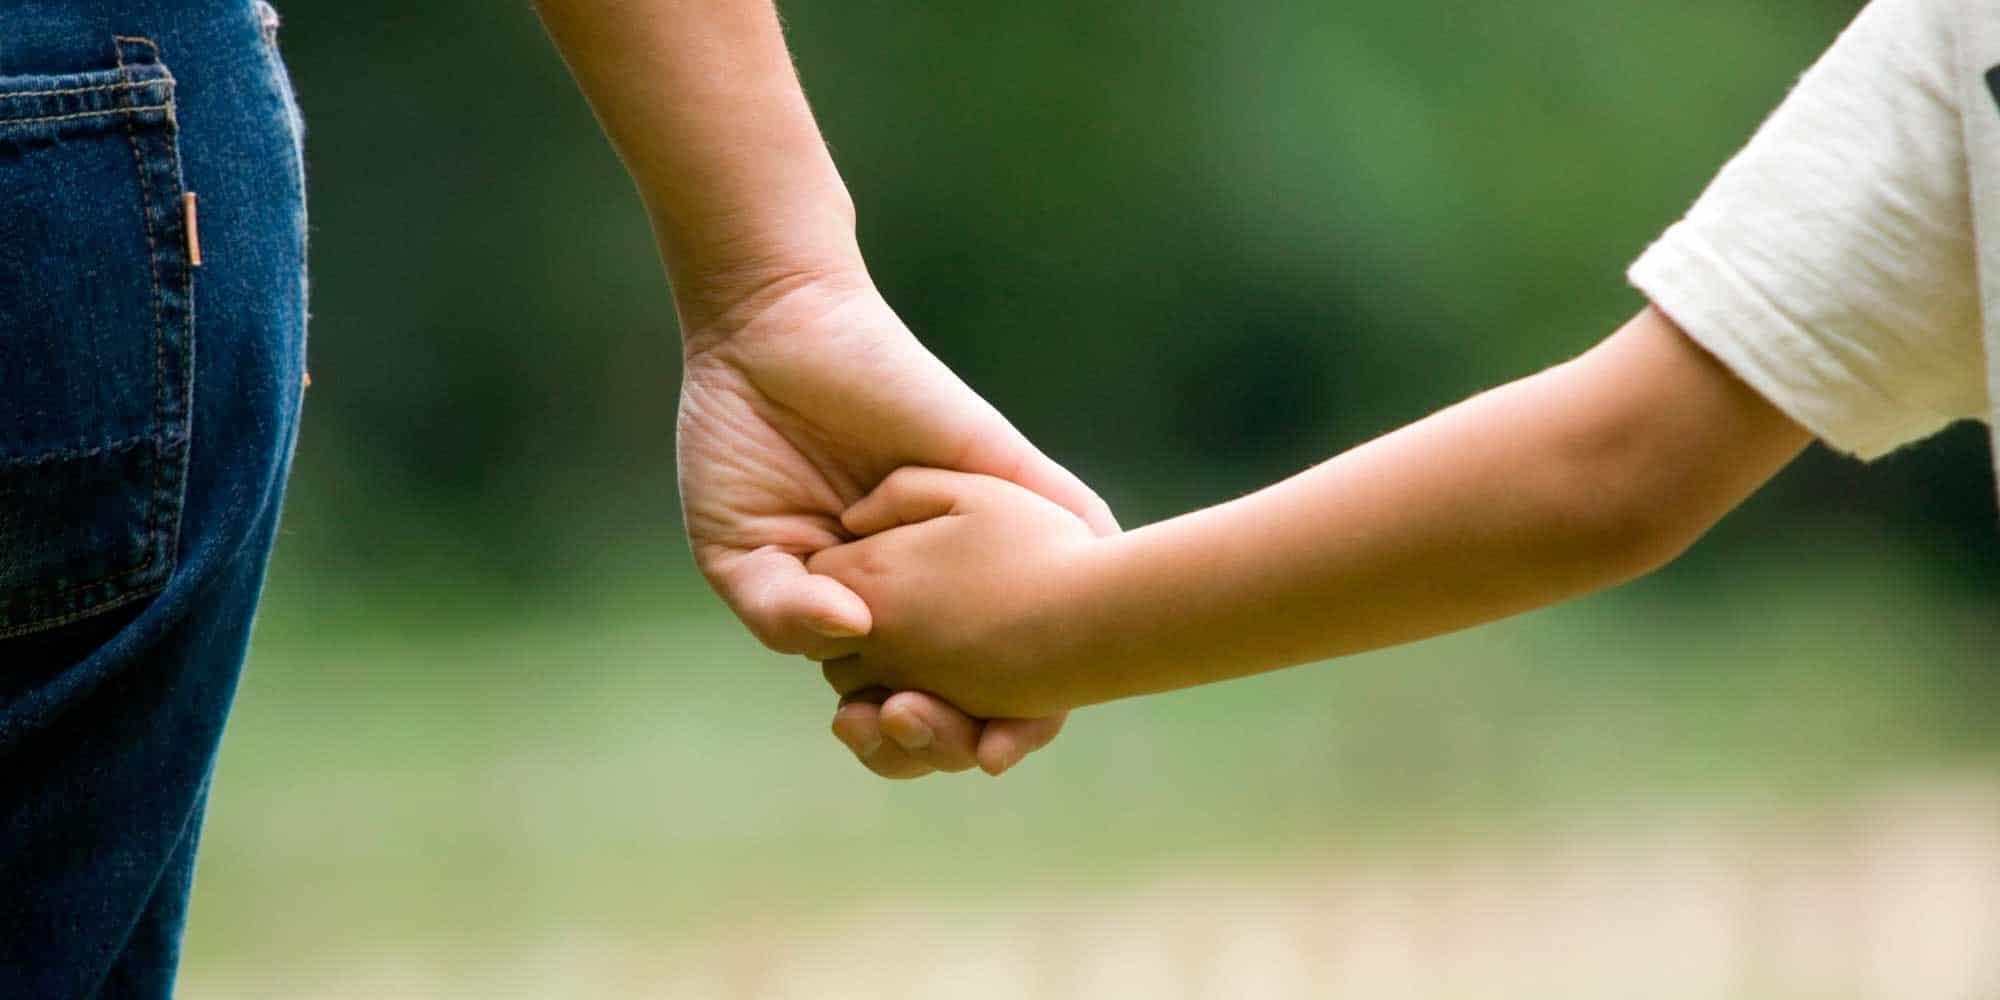 Diputados sanciona proyecto de ley que acorta plazos para adopciones